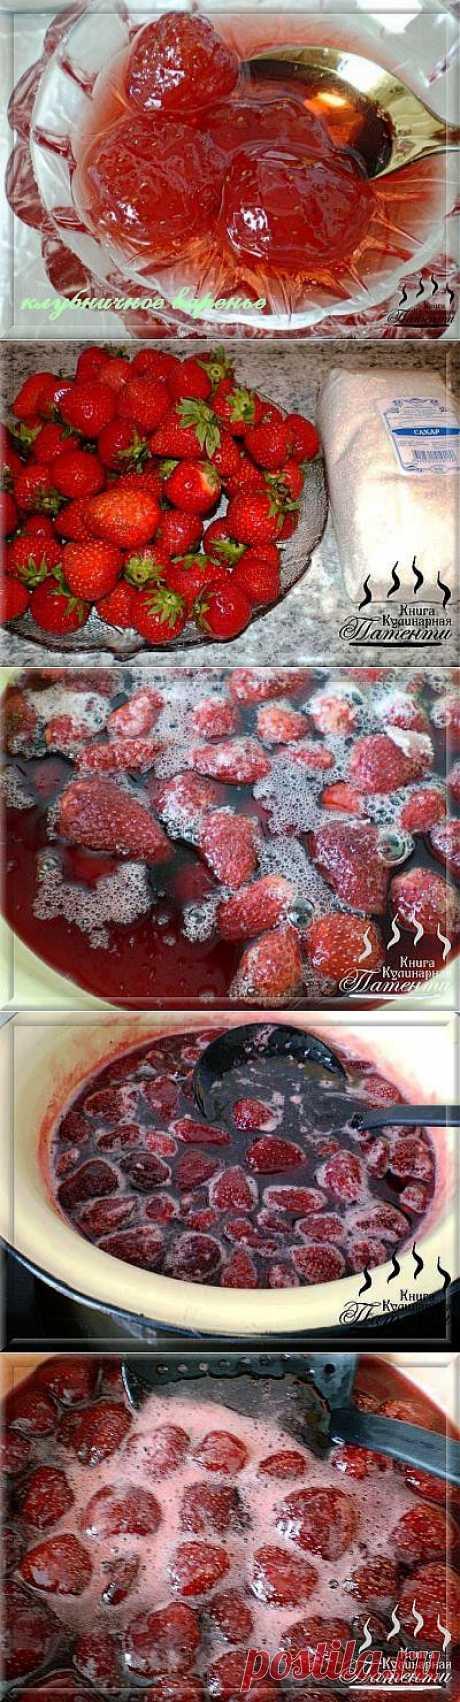 варенье из клубники в собственном соку с цельными ягодками.